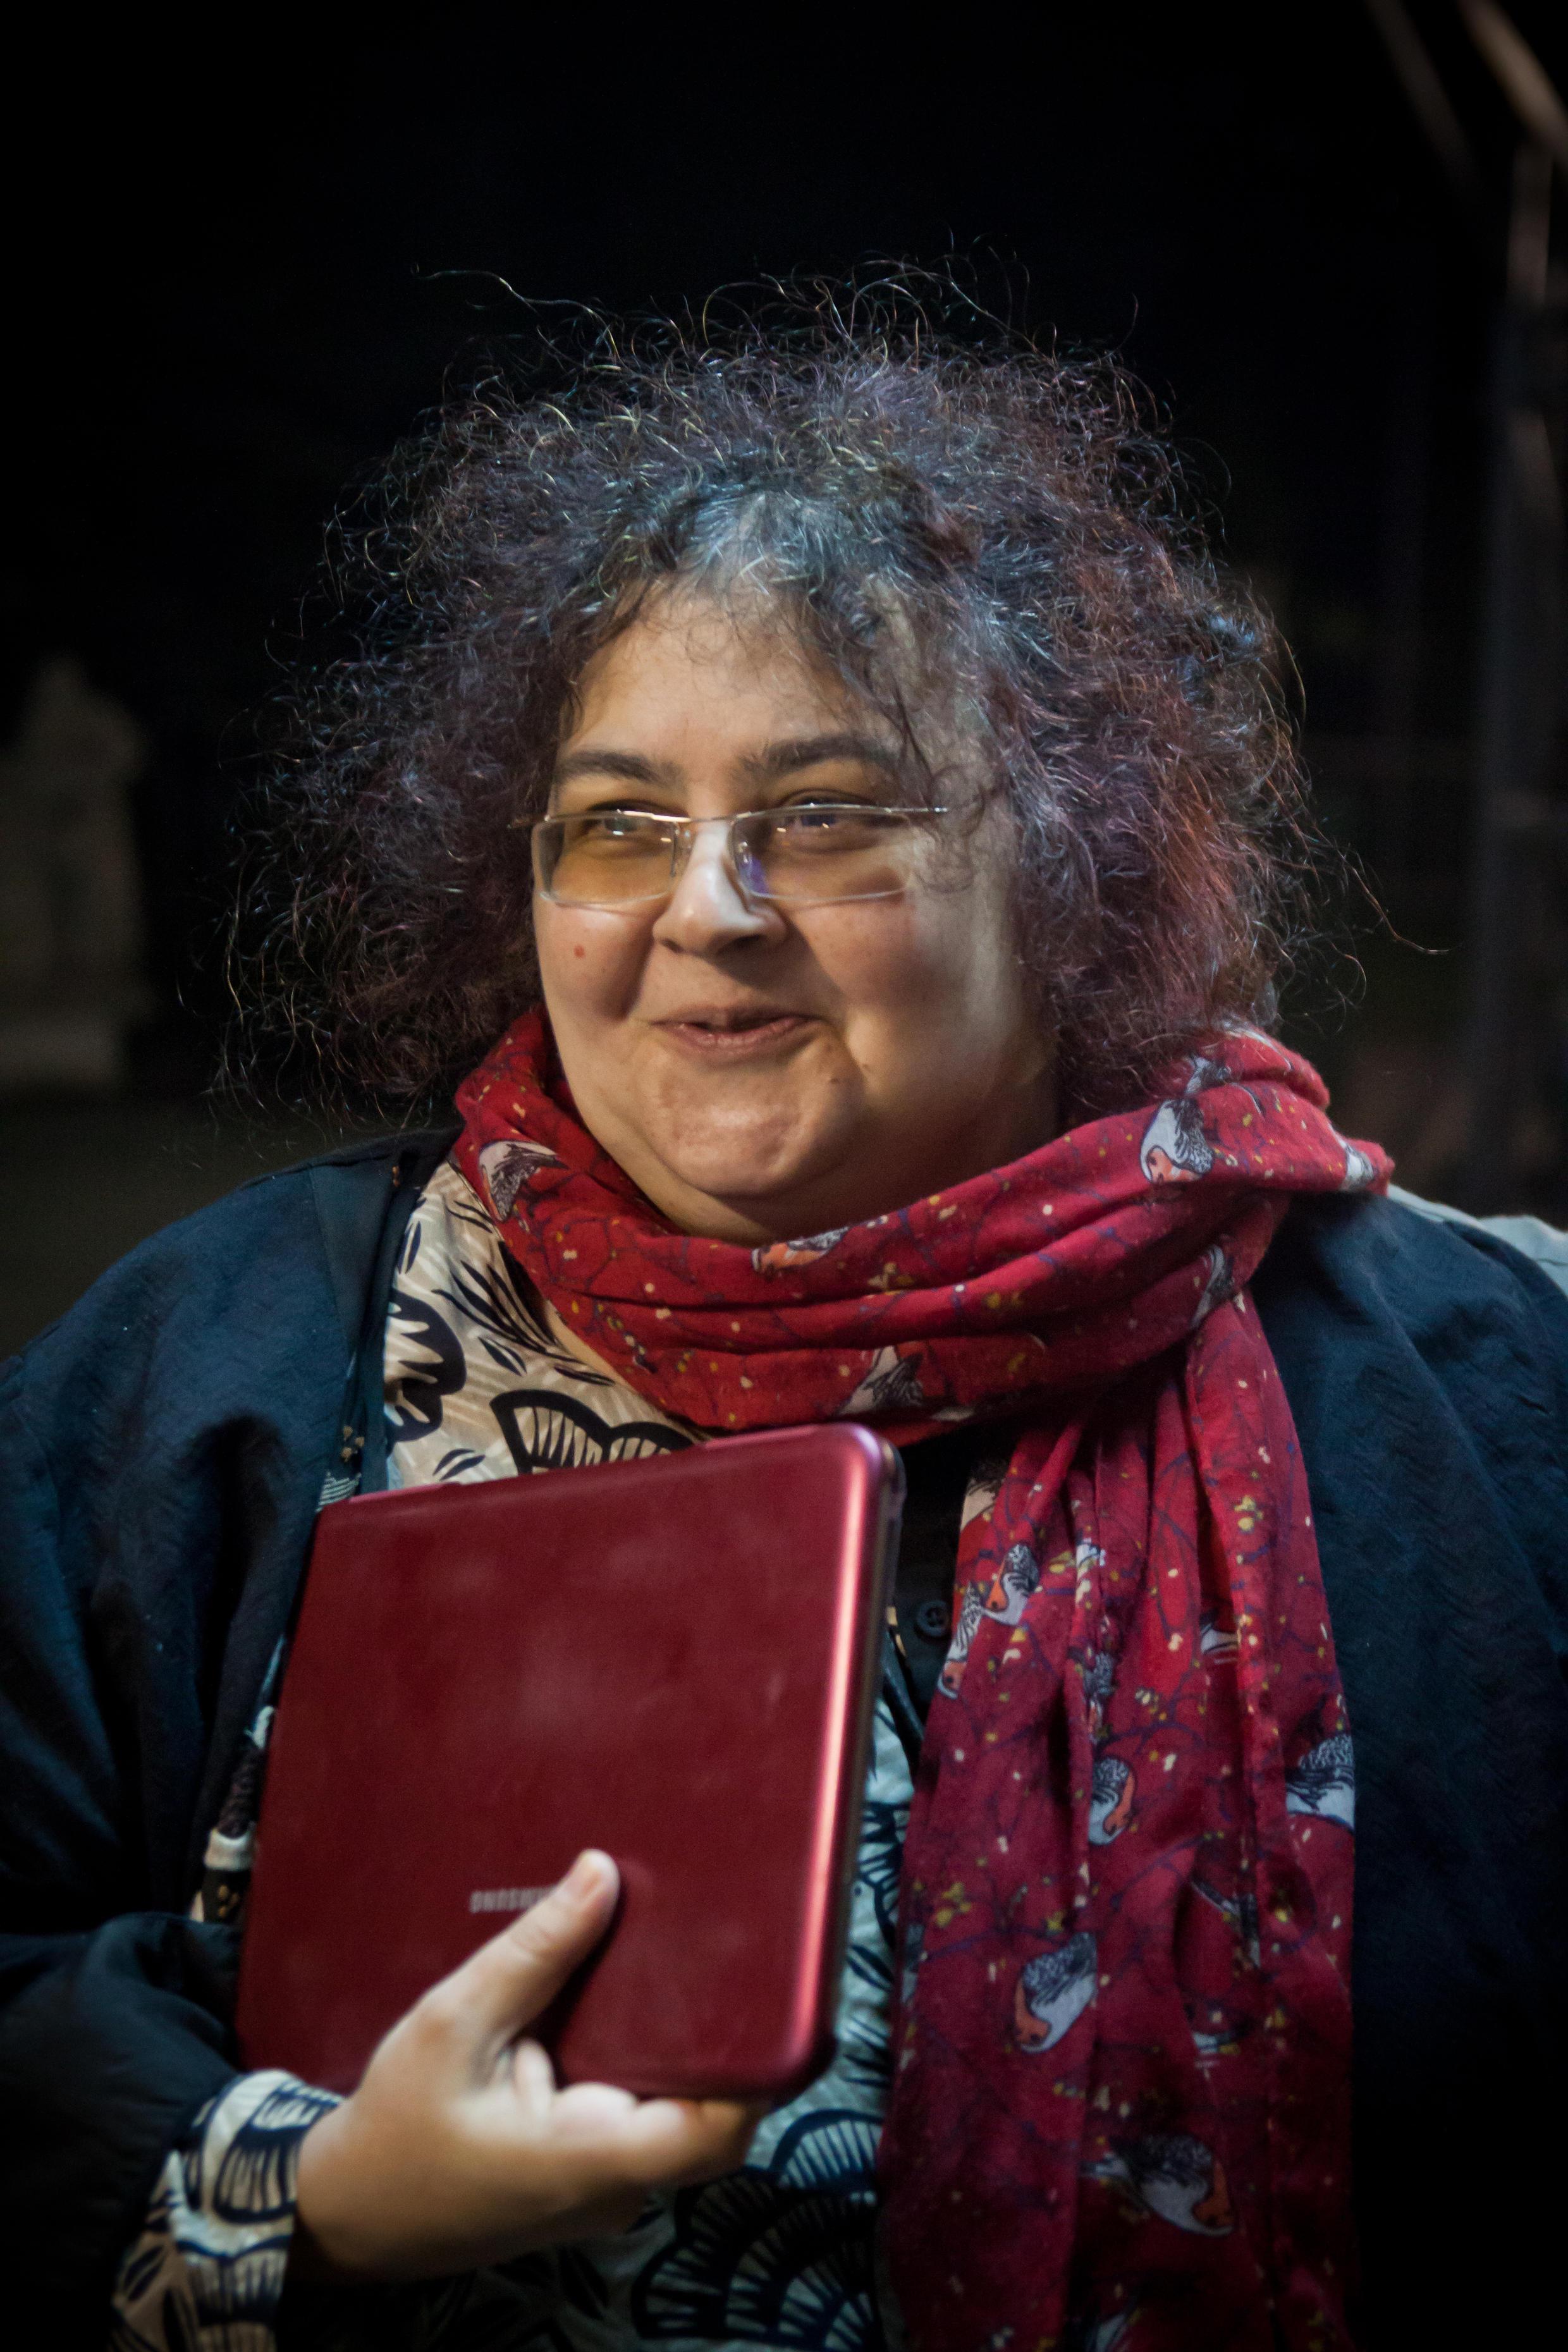 Елена Гремина, руководитель «Театра.doc»